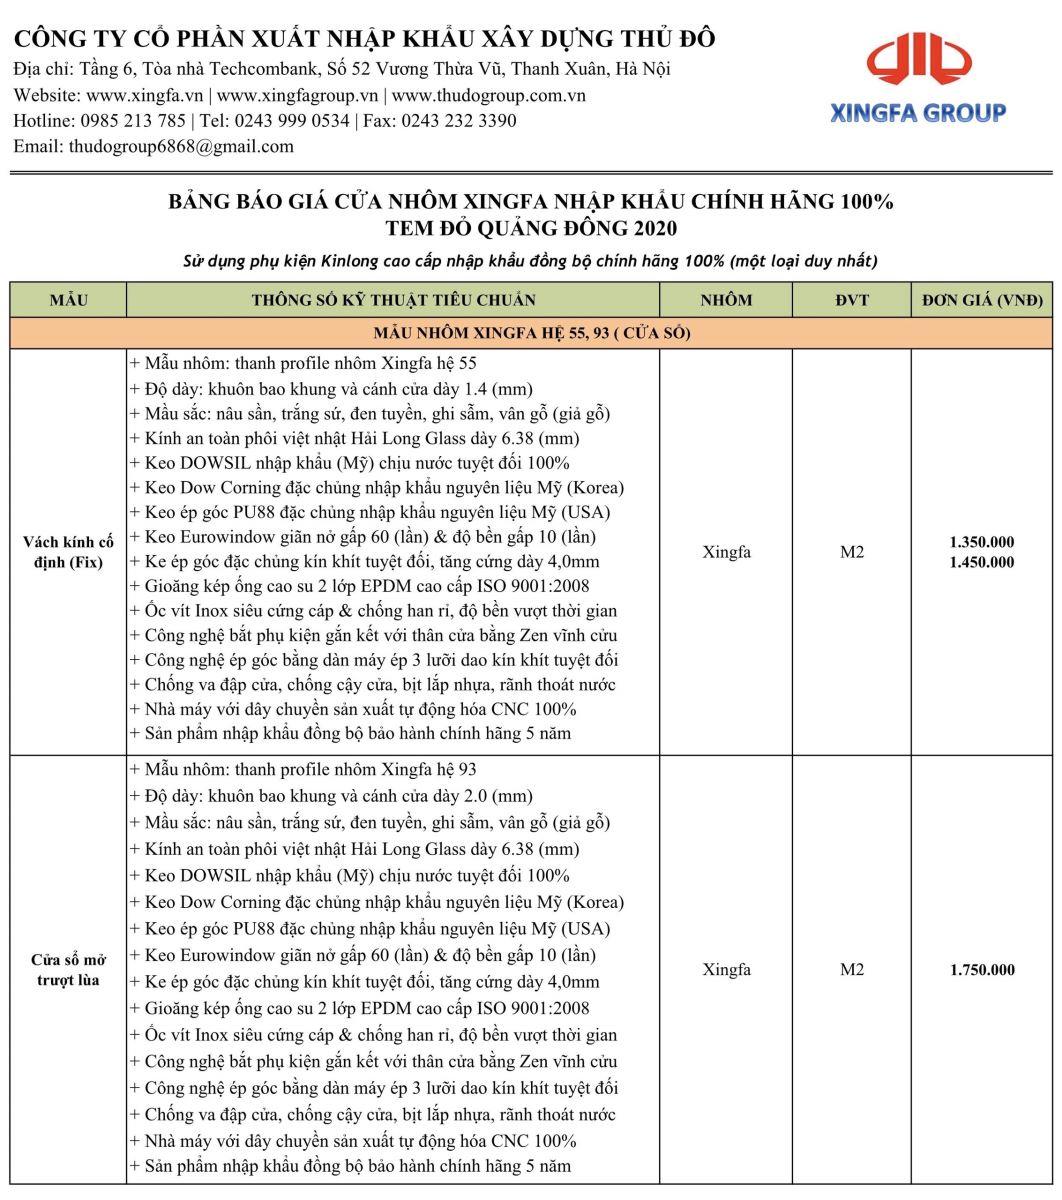 Những giải đáp về cửa nhôm Xingfa nhập khẩu chính hãng - 1